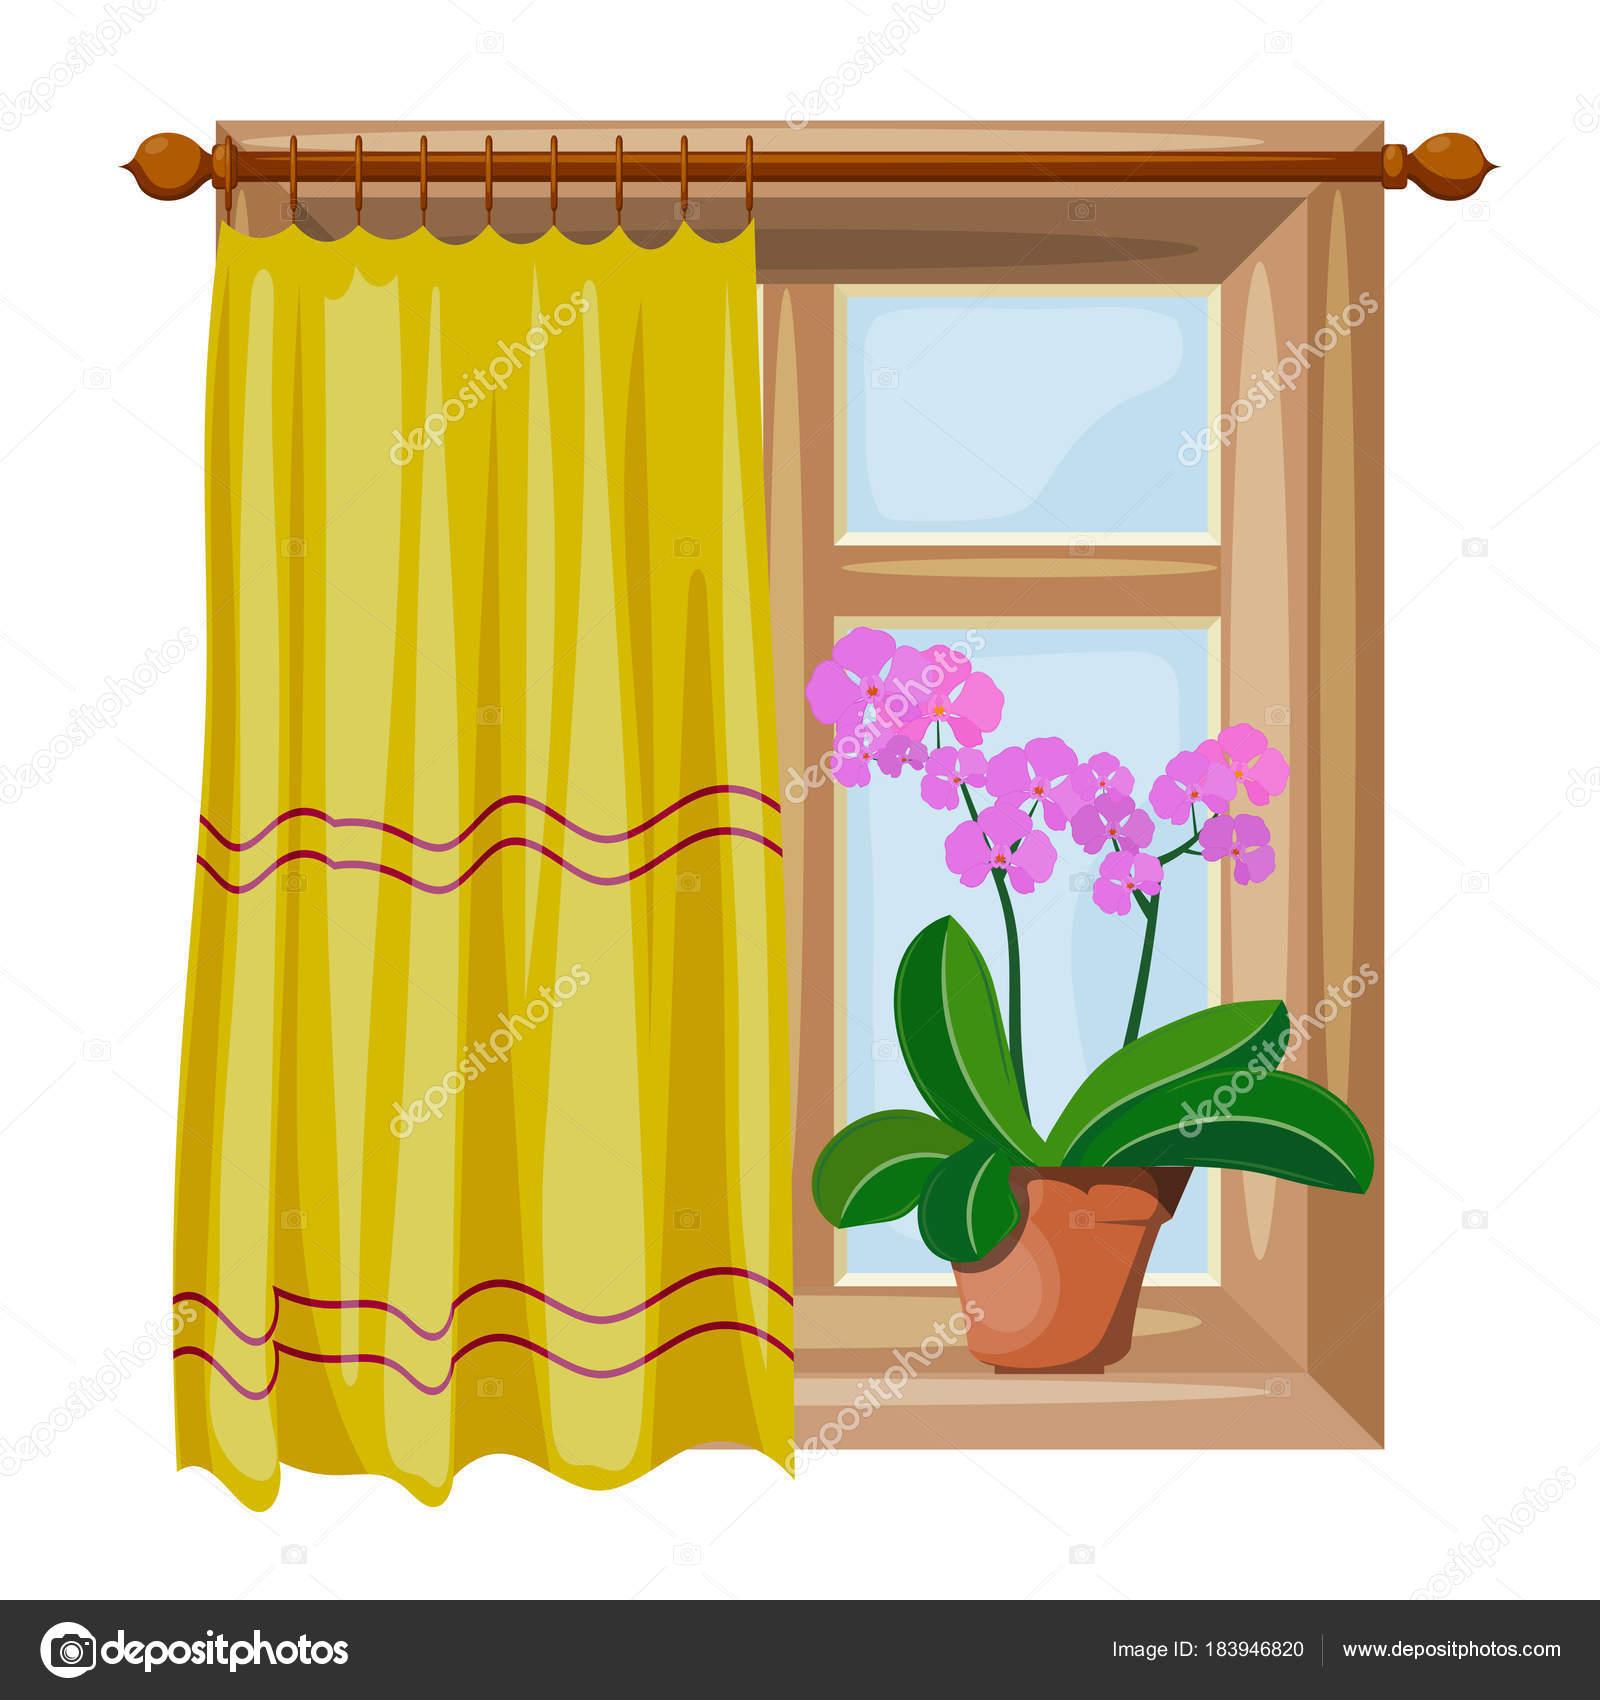 Color de ventanas de estilo de dibujos animados imagen con